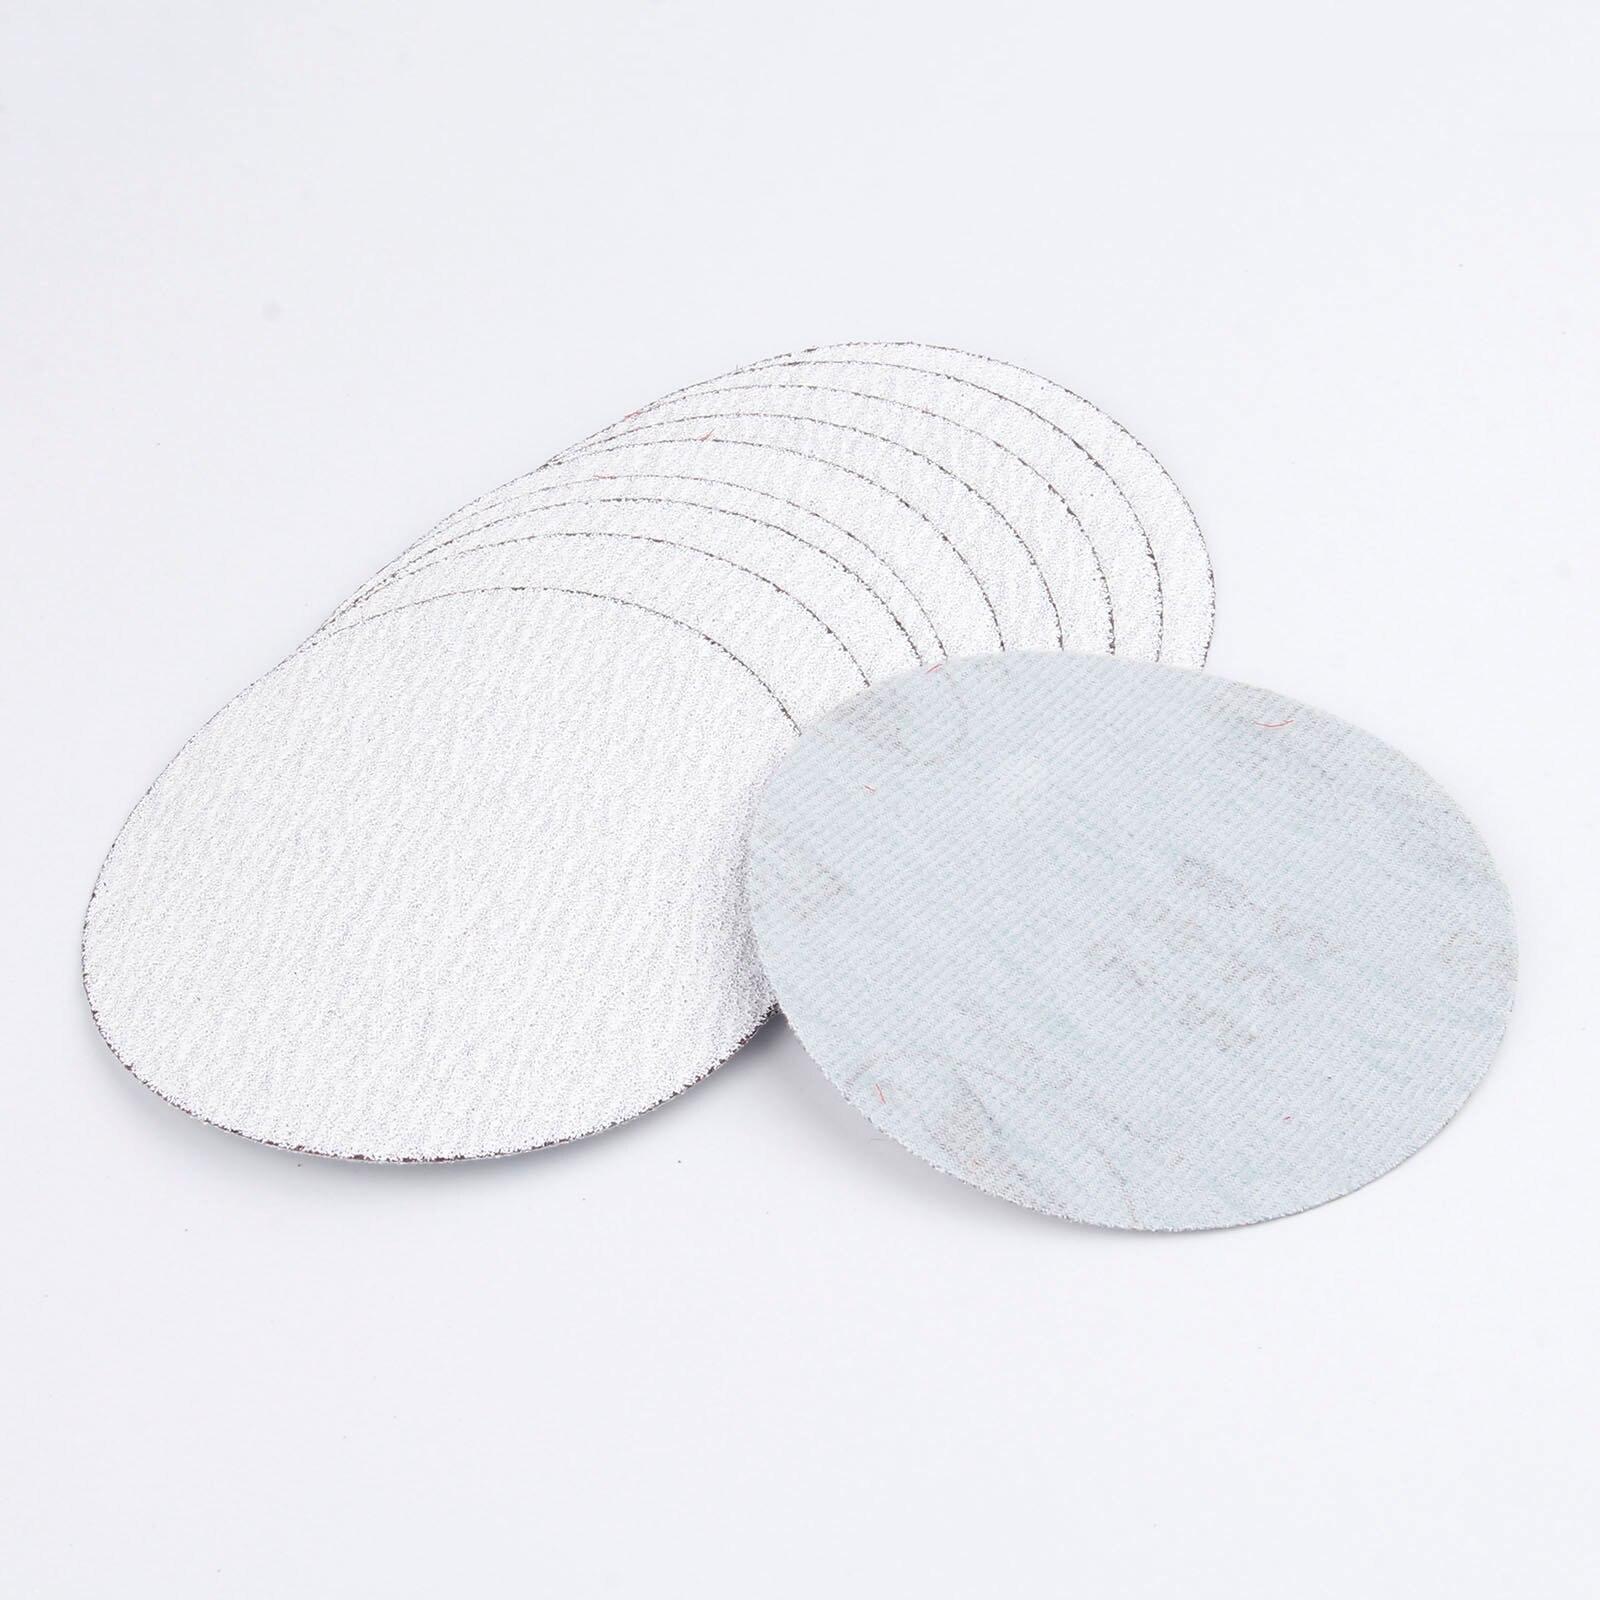 Dophee 10Pcs 5inch 125mm Sandpaper Disk Round Alumina Grinding Polishig Sanding Disc Grit 80/320 Sander Sand Paper